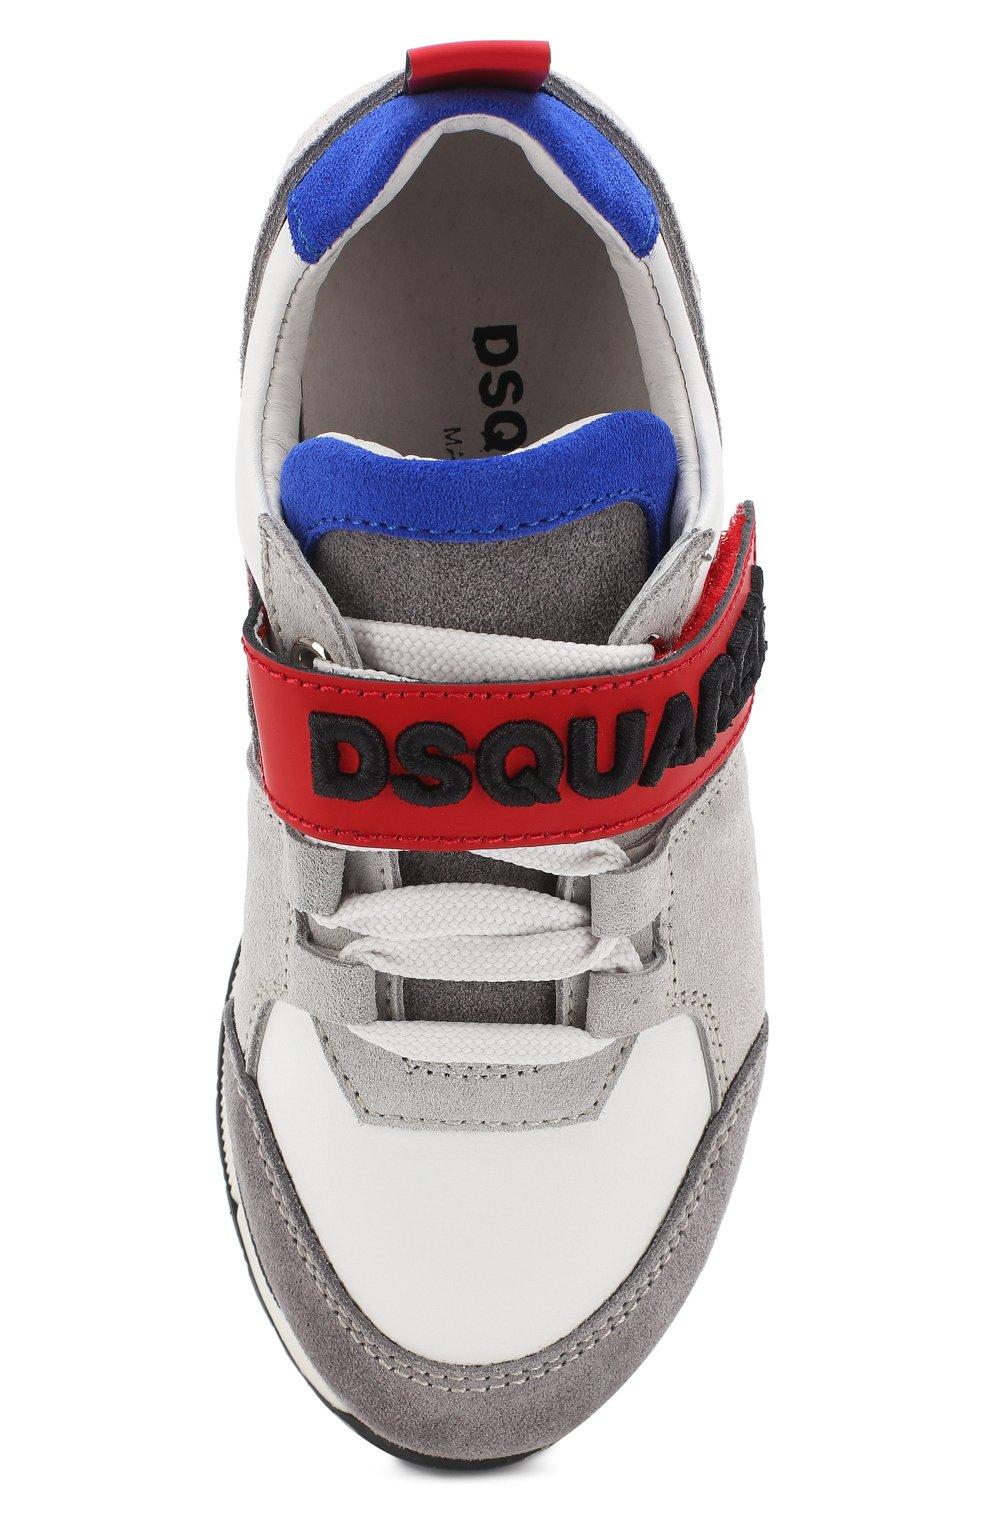 Детские кожаные кроссовки с замшевой отделкой и застежкой велькро DSQUARED2 серого цвета, арт. 54221/28-35 | Фото 4